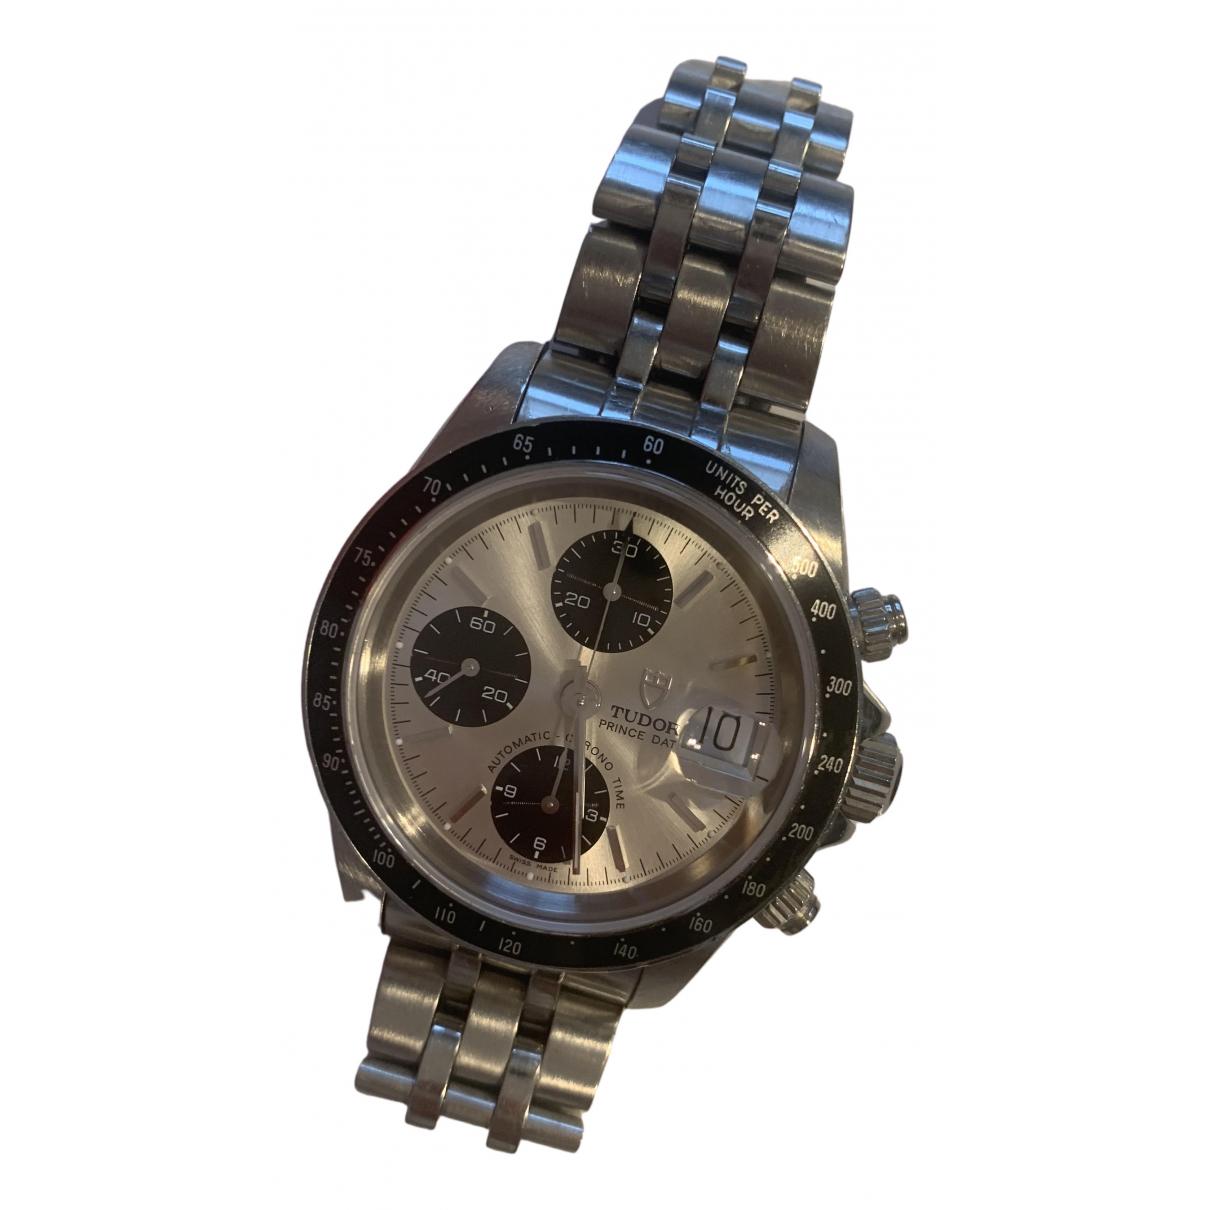 Tudor Tiger Prince Date Uhr in  Silber Stahl